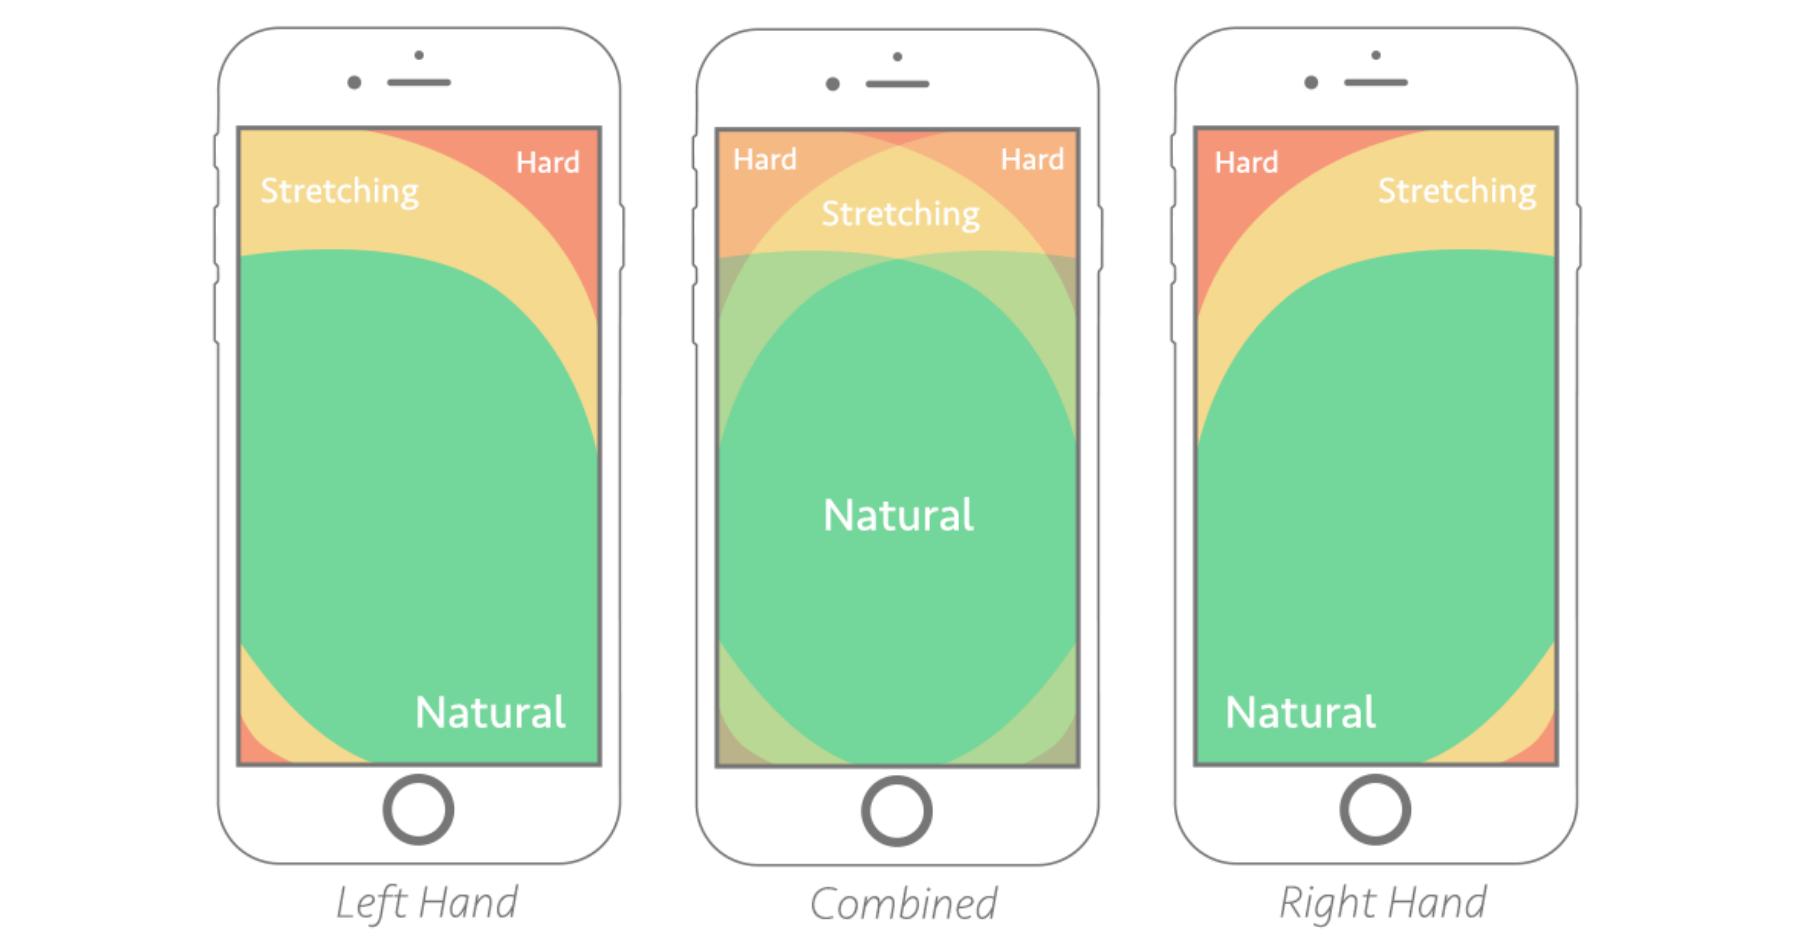 utilizzo di un dispositivo mobile in ottica thumb friendly